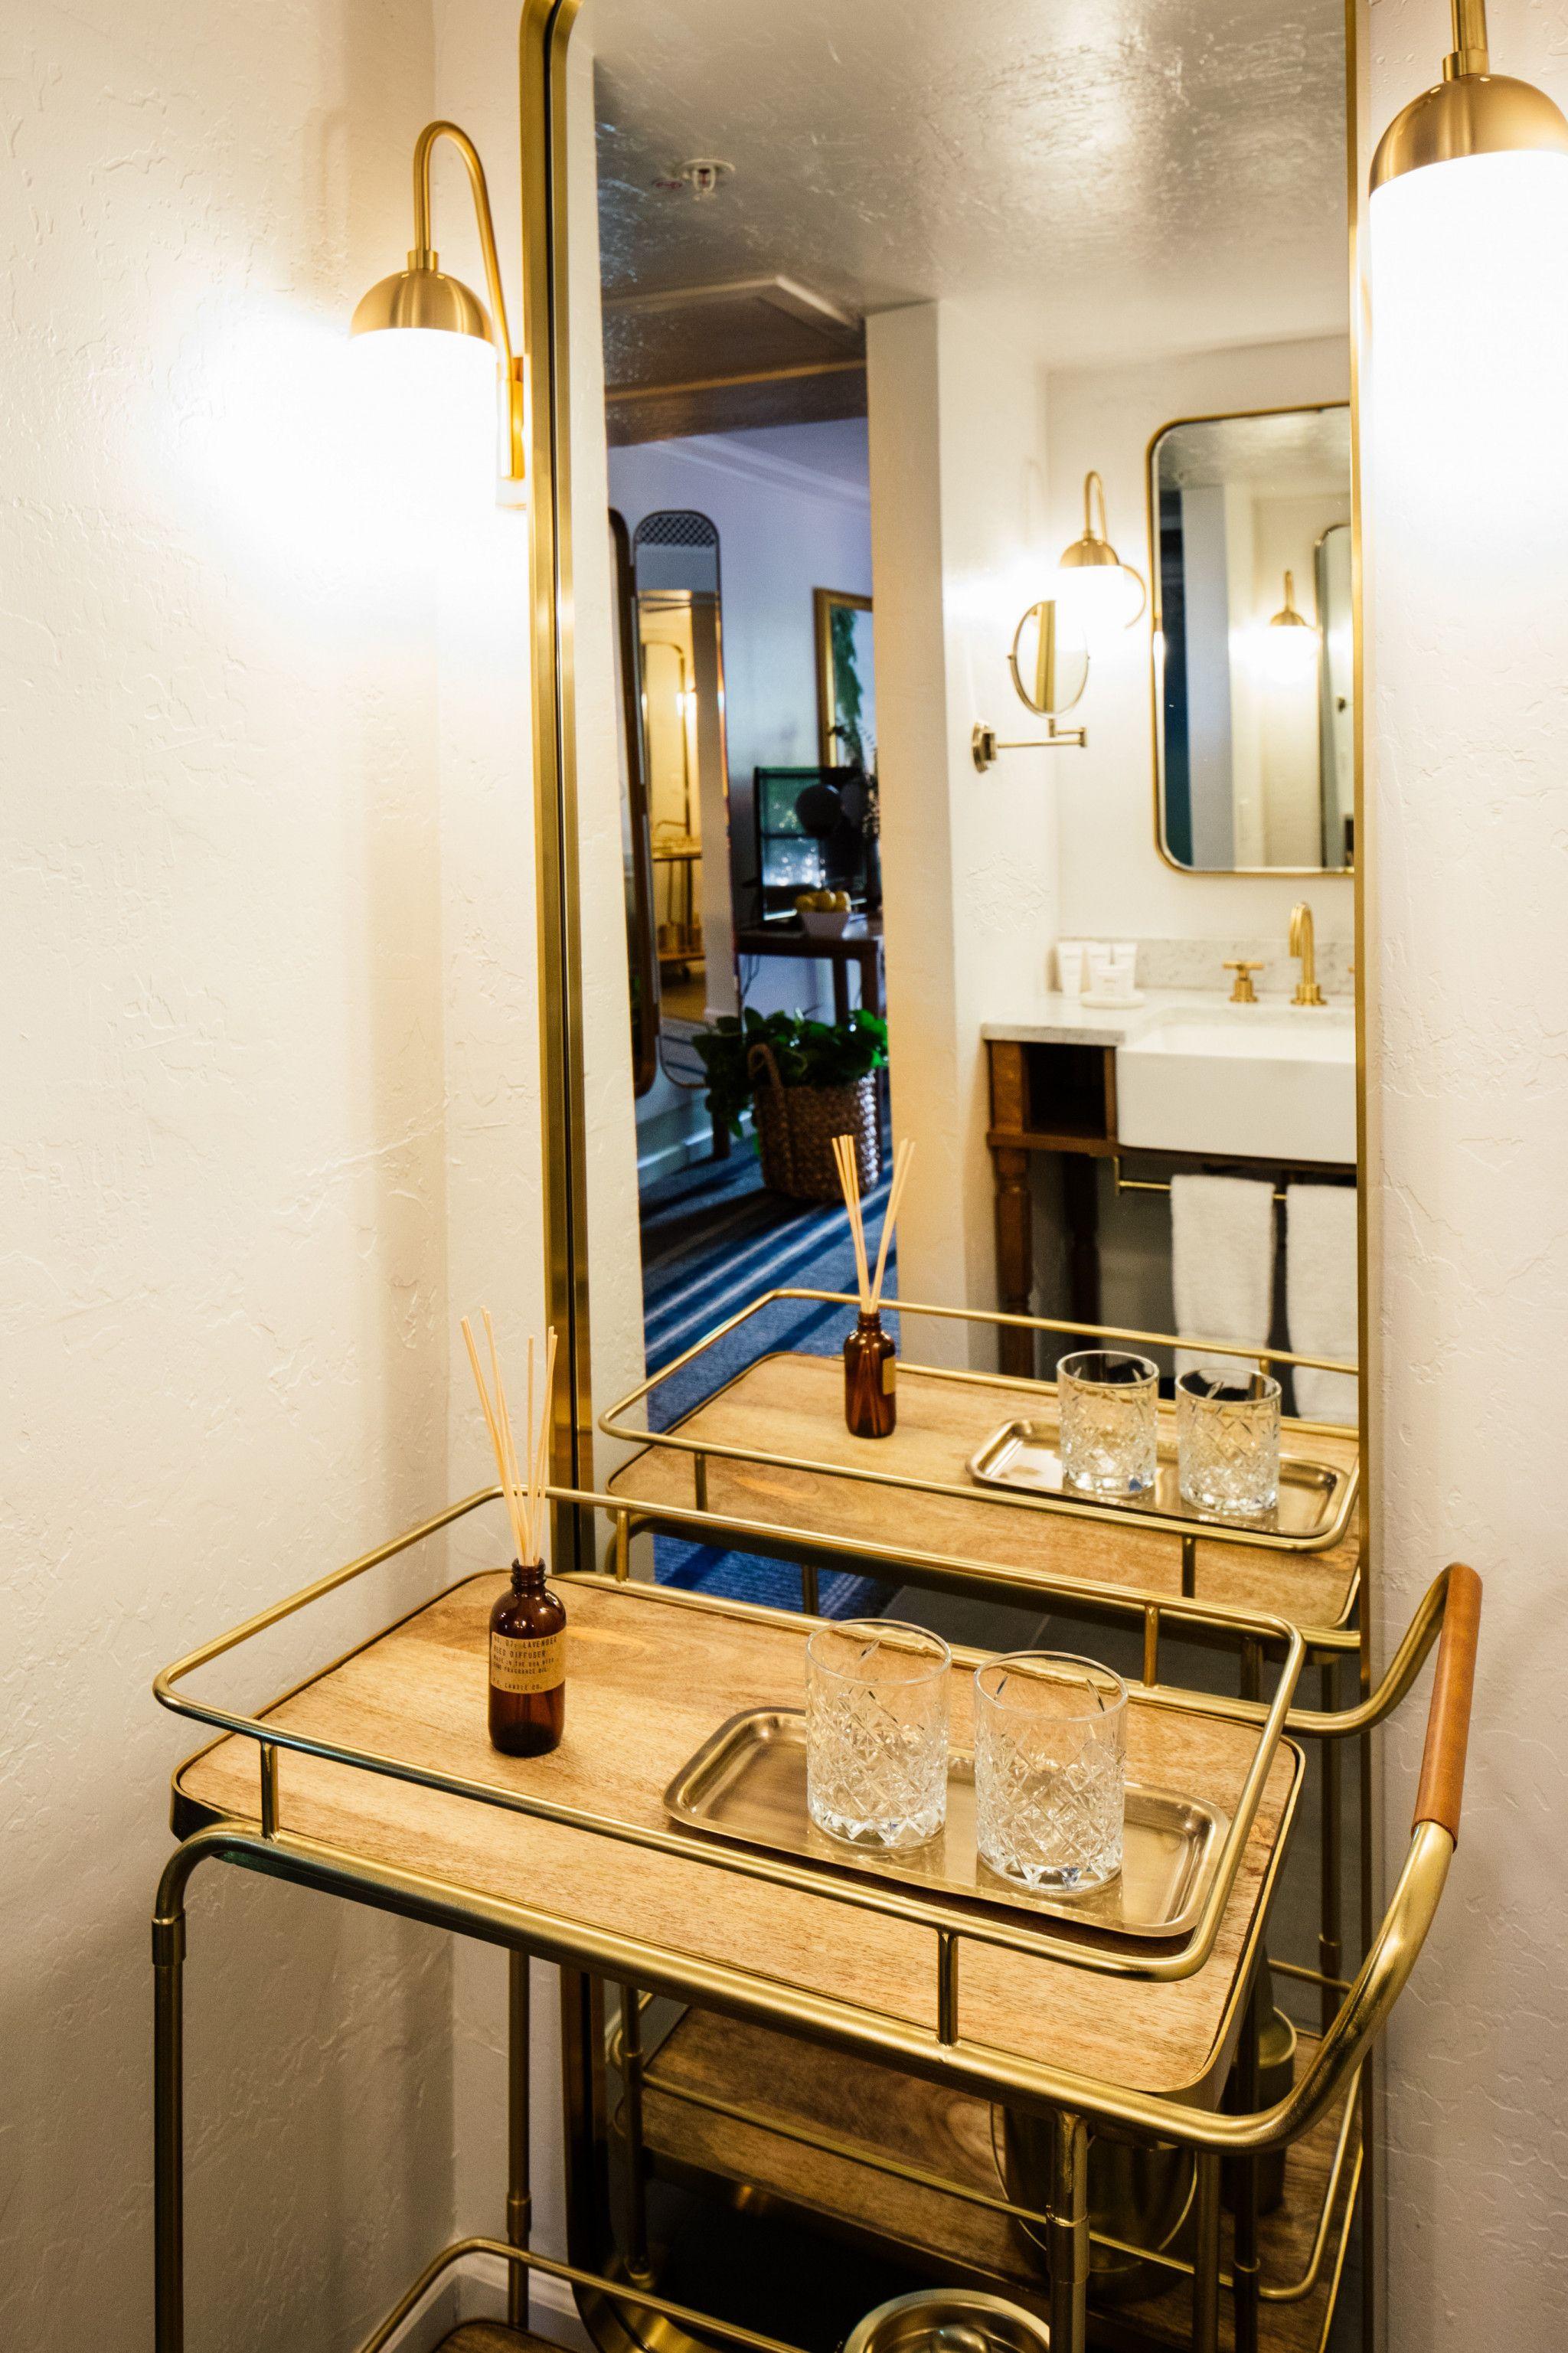 interiordesign hoteldesign hoteldesigner curatedesign